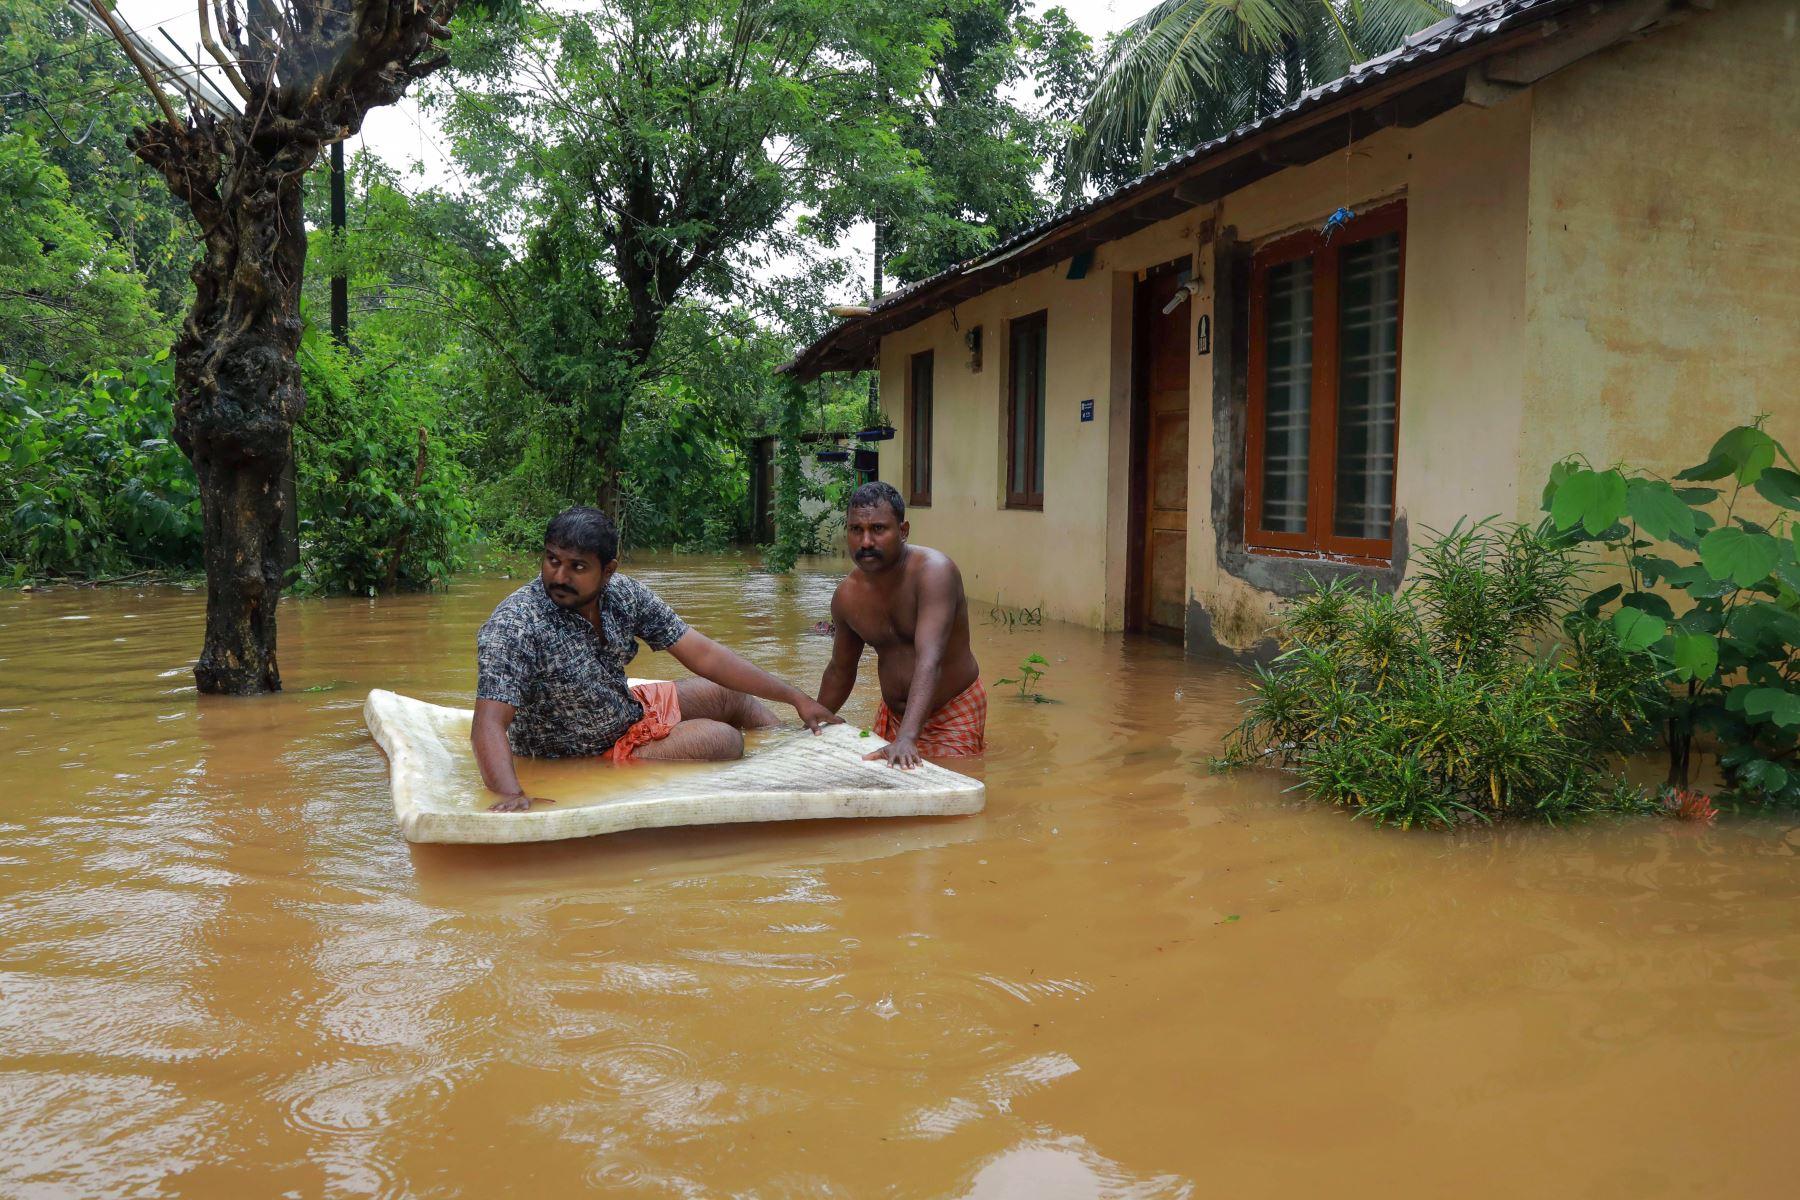 Los hombres pasan por las aguas de la inundación en el área de Eloor en el distrito de Ernakulam, en el estado de Kerala, en el sur de la India. Las inundaciones que han matado a más de 20 personas forzaron el cierre del aeropuerto internacional de Kochi el 9 de agosto como el estado del sur de la India de Kerala se enfrentó a un segundo año consecutivo de lluvias a nivel de crisis. Foto: AFP